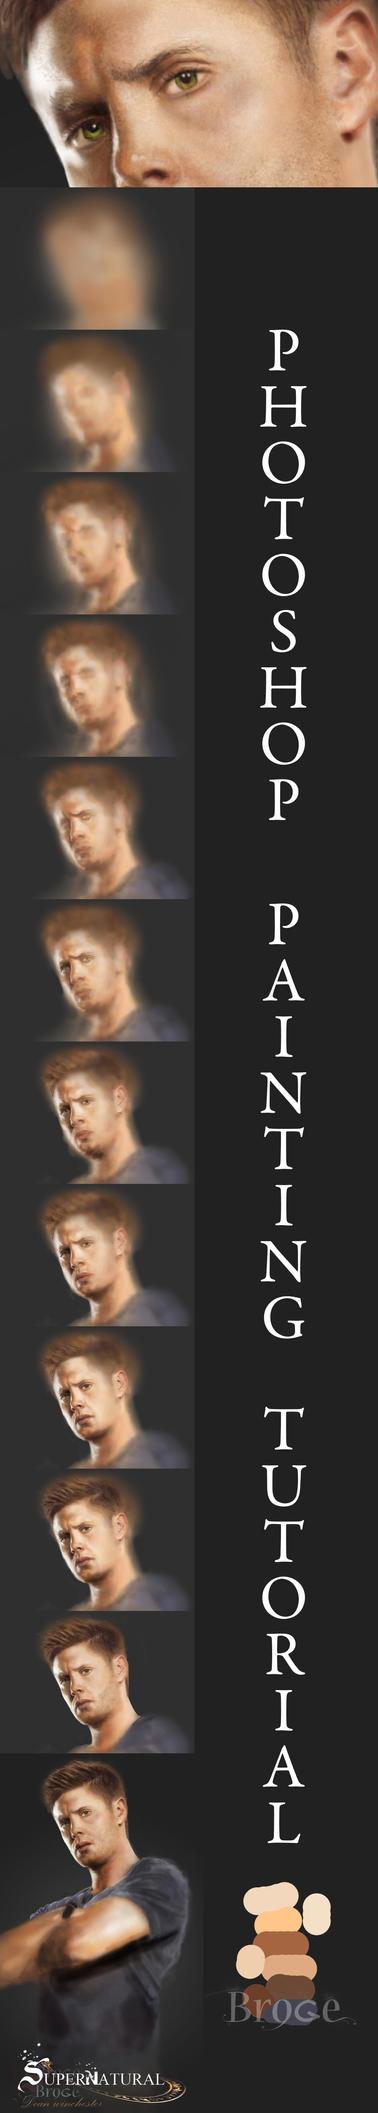 portre yapımı -jensen ackles-